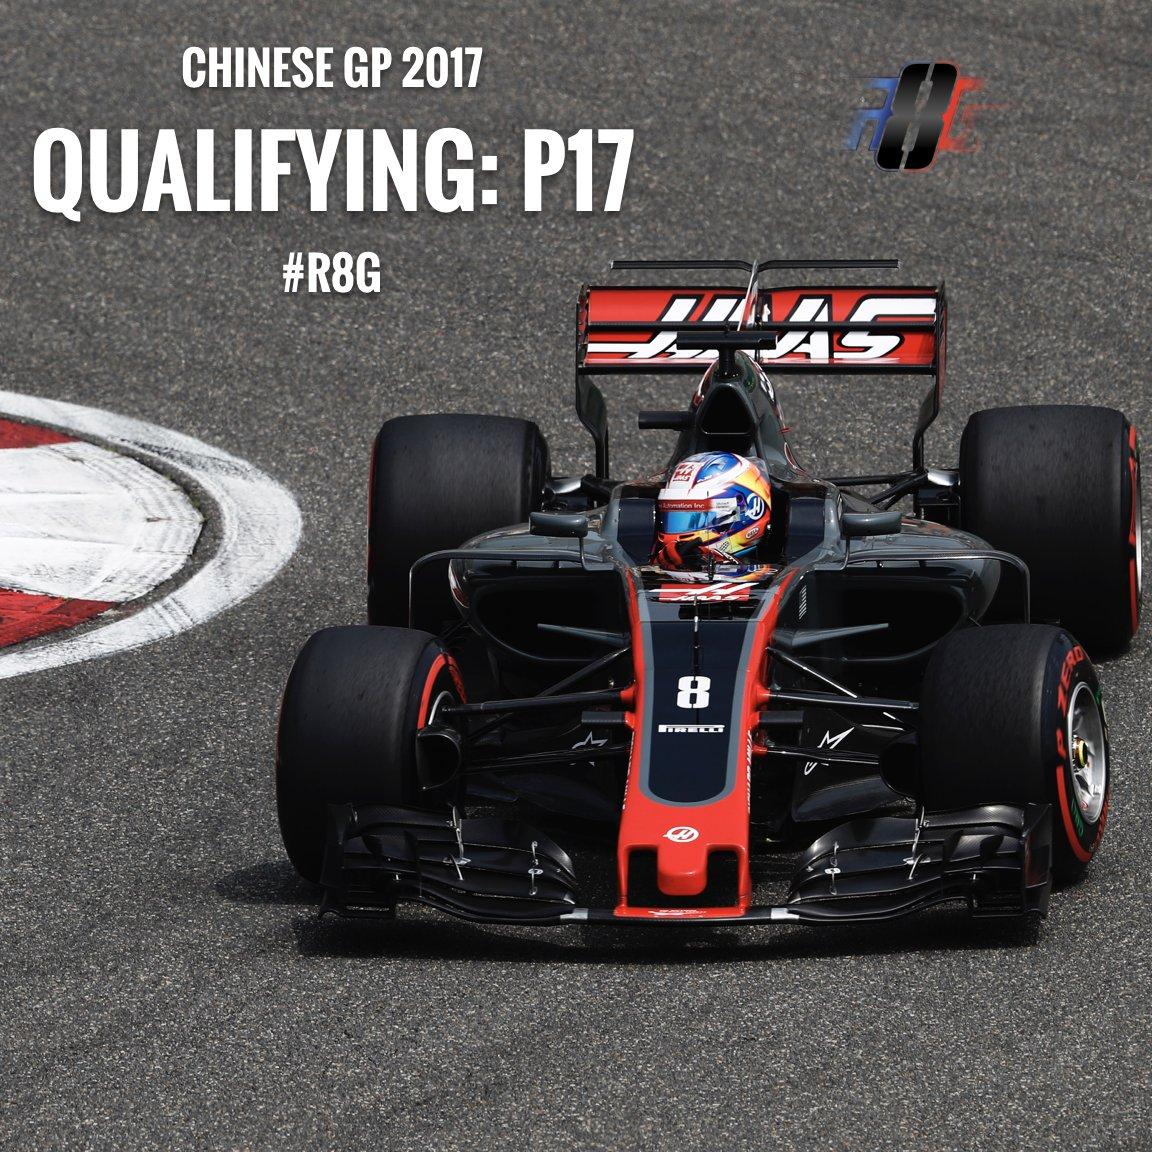 Haas F1 Team (@HaasF1Team)